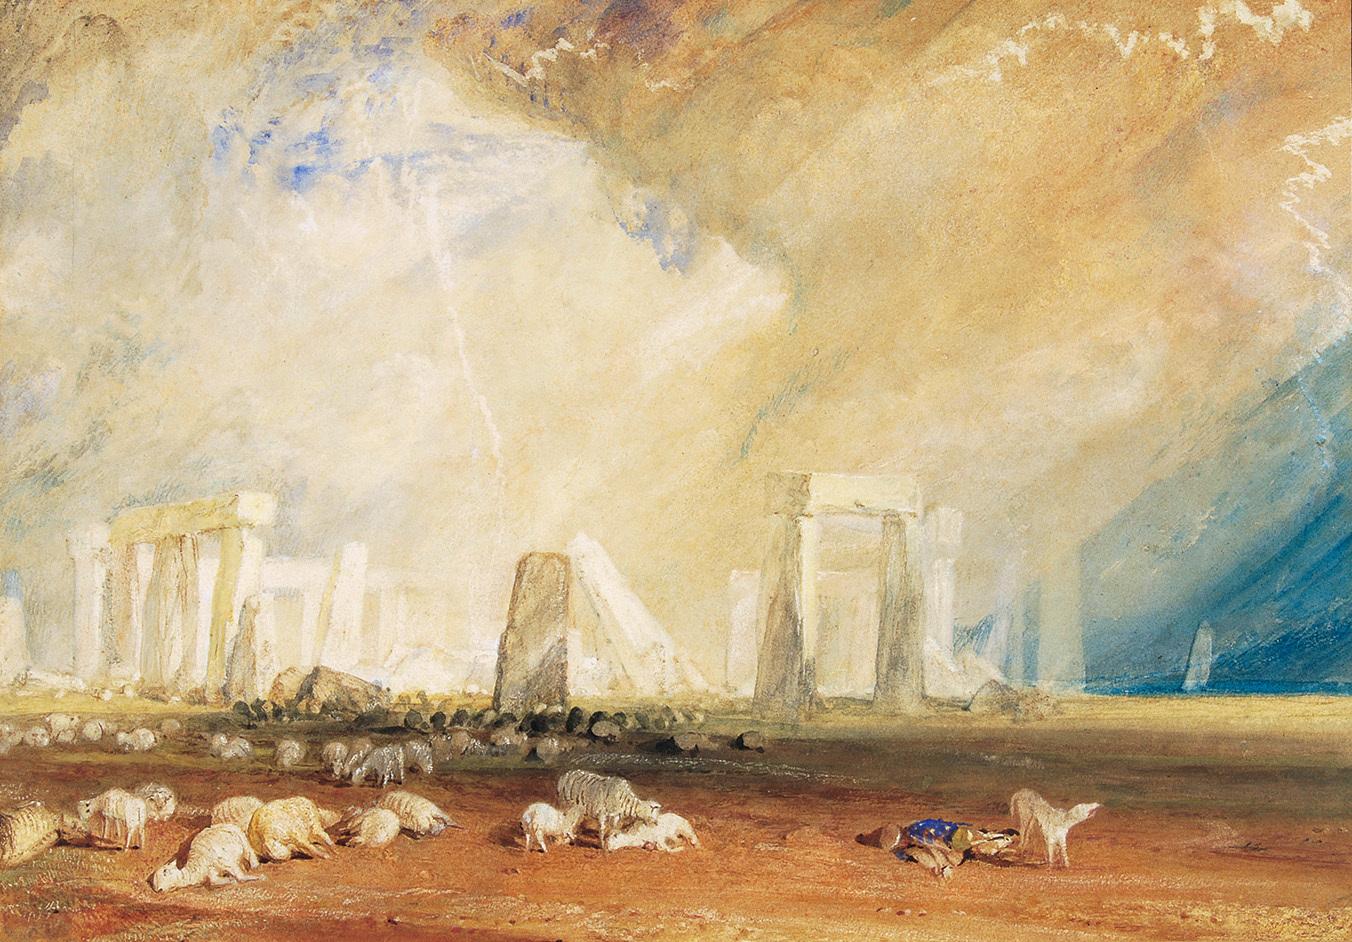 《ストーンヘンジ、ウィルトシャー》 1827-1828年 水彩・紙 27.9×40.4cm ソールズベリー博物館 On loan from The Salisbury Museum, England